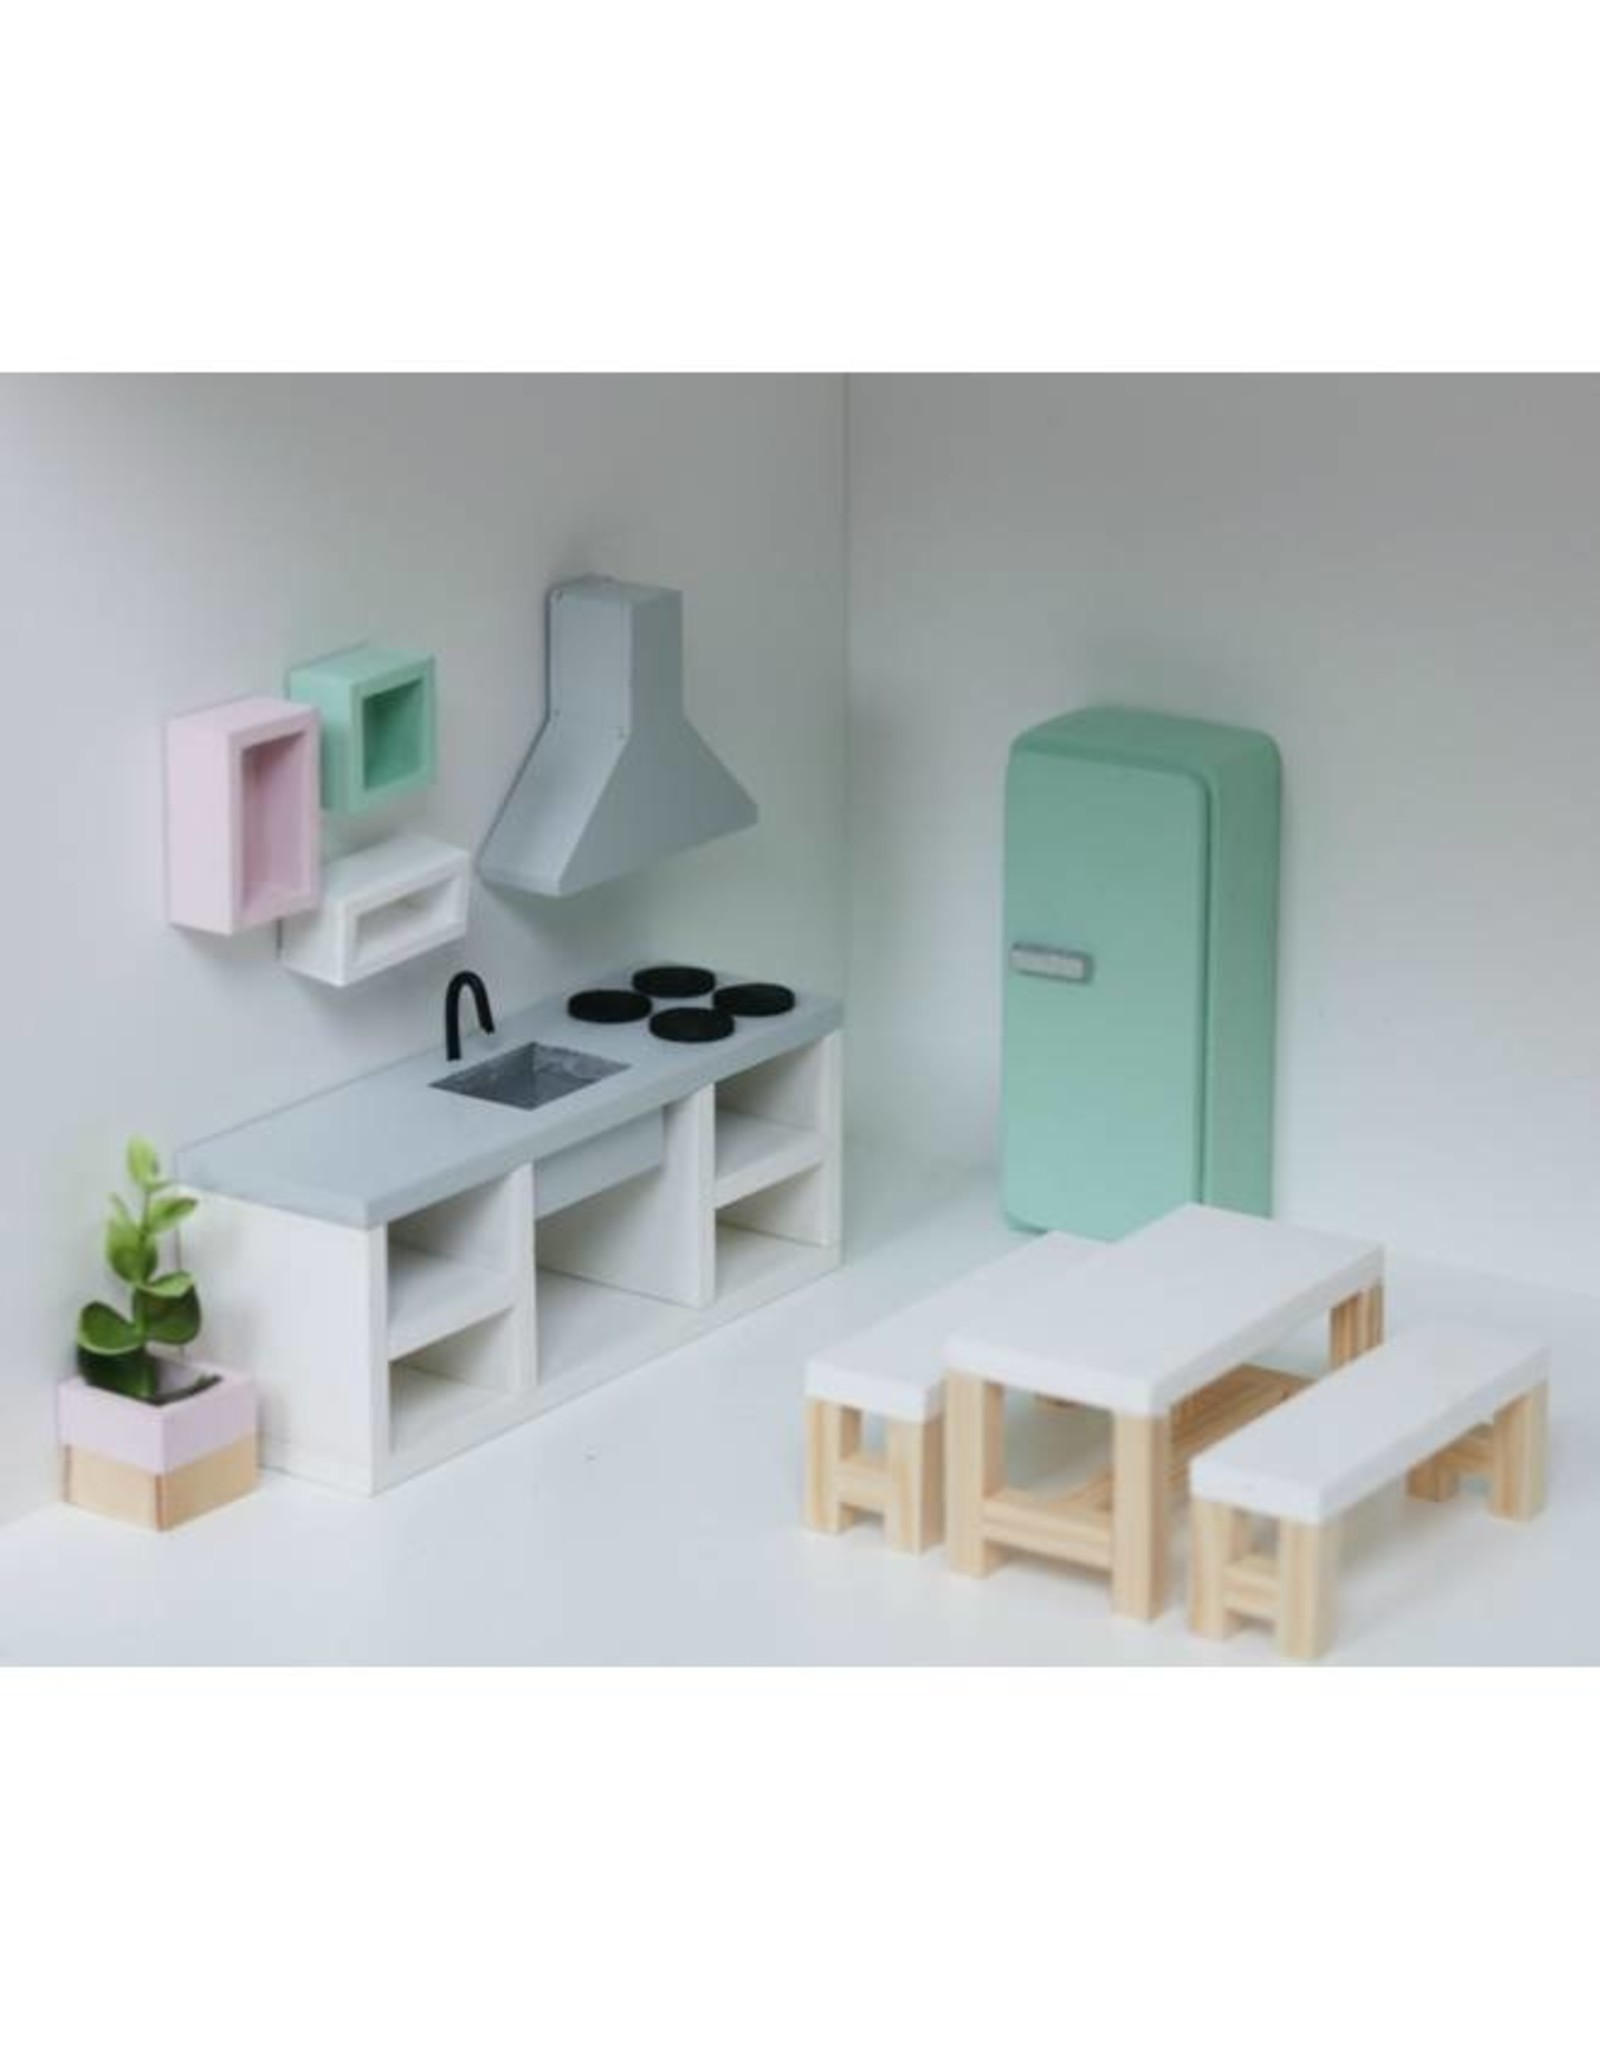 Project Dollhouse Koelkast Mintgroen